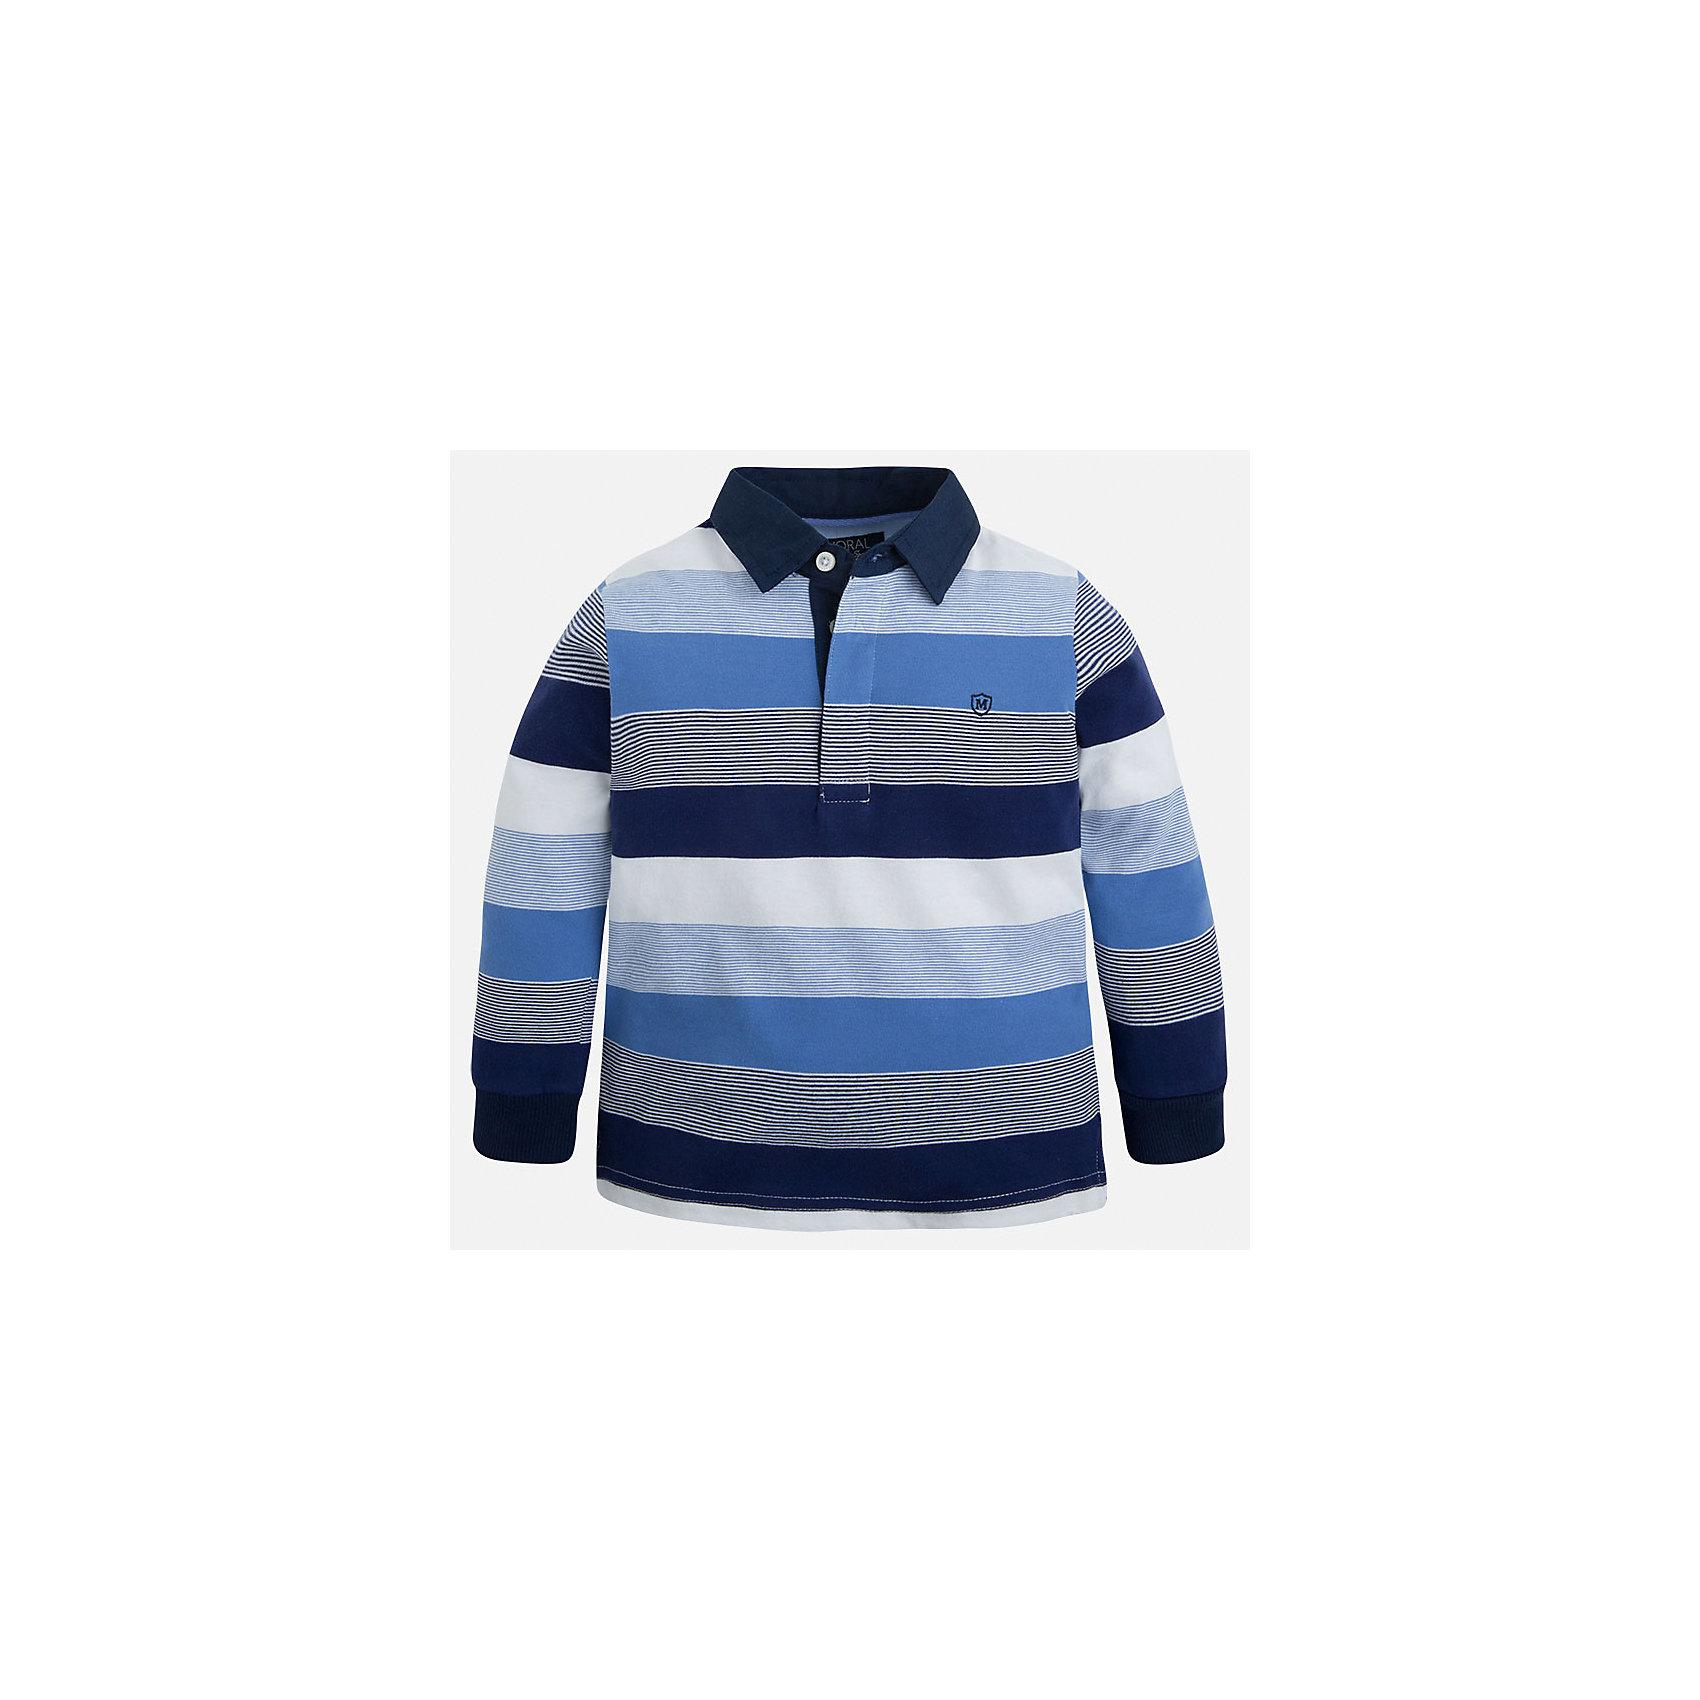 Футболка-поло с длинным рукавом для мальчика MayoralФутболки с длинным рукавом<br>Характеристики товара:<br><br>• цвет: синий/белый/голубой<br>• состав: 100% хлопок<br>• отложной воротник<br>• длинные рукава<br>• застежка: пуговицы<br>• вышивка на груди<br>• страна бренда: Испания<br><br>Удобная модная рубашка-поло для мальчика может стать базовой вещью в гардеробе ребенка. Она отлично сочетается с брюками, шортами, джинсами и т.д. Универсальный крой и цвет позволяет подобрать к вещи низ разных расцветок. Практичное и стильное изделие! В составе материала - только натуральный хлопок, гипоаллергенный, приятный на ощупь, дышащий.<br><br>Одежда, обувь и аксессуары от испанского бренда Mayoral полюбились детям и взрослым по всему миру. Модели этой марки - стильные и удобные. Для их производства используются только безопасные, качественные материалы и фурнитура. Порадуйте ребенка модными и красивыми вещами от Mayoral! <br><br>Рубашку-поло для мальчика от испанского бренда Mayoral (Майорал) можно купить в нашем интернет-магазине.<br><br>Ширина мм: 230<br>Глубина мм: 40<br>Высота мм: 220<br>Вес г: 250<br>Цвет: белый<br>Возраст от месяцев: 84<br>Возраст до месяцев: 96<br>Пол: Мужской<br>Возраст: Детский<br>Размер: 128,134,122,110,98,92,116,104<br>SKU: 5272162